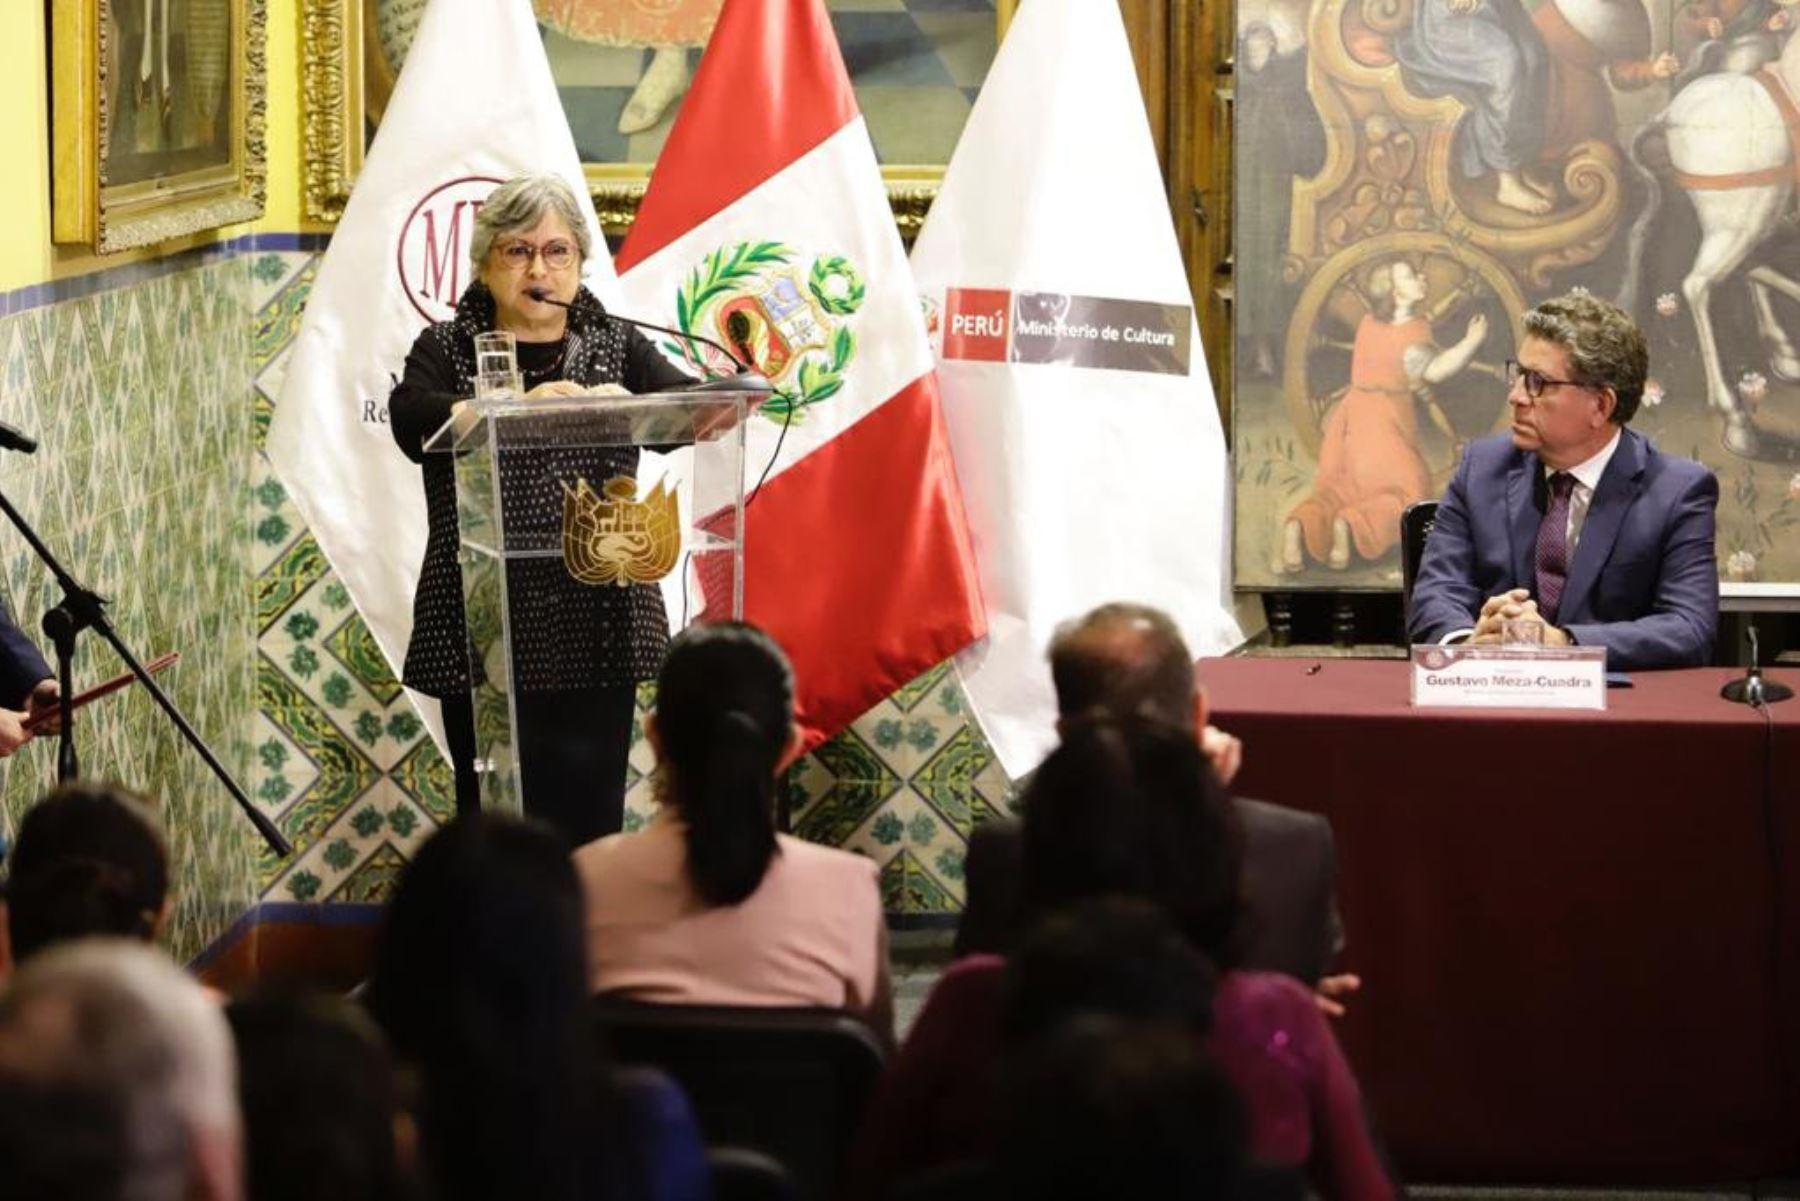 Ministra de Cultura, Sonia Guillén recibe 21 bienes culturales recuperados que constituyen parte del Patrimonio Cultural  a través de la Cancilleria del Perú Los  bienes fueron repatriados de Argentina, Brasil, Ecuador y Canadá. Foto: Mincul